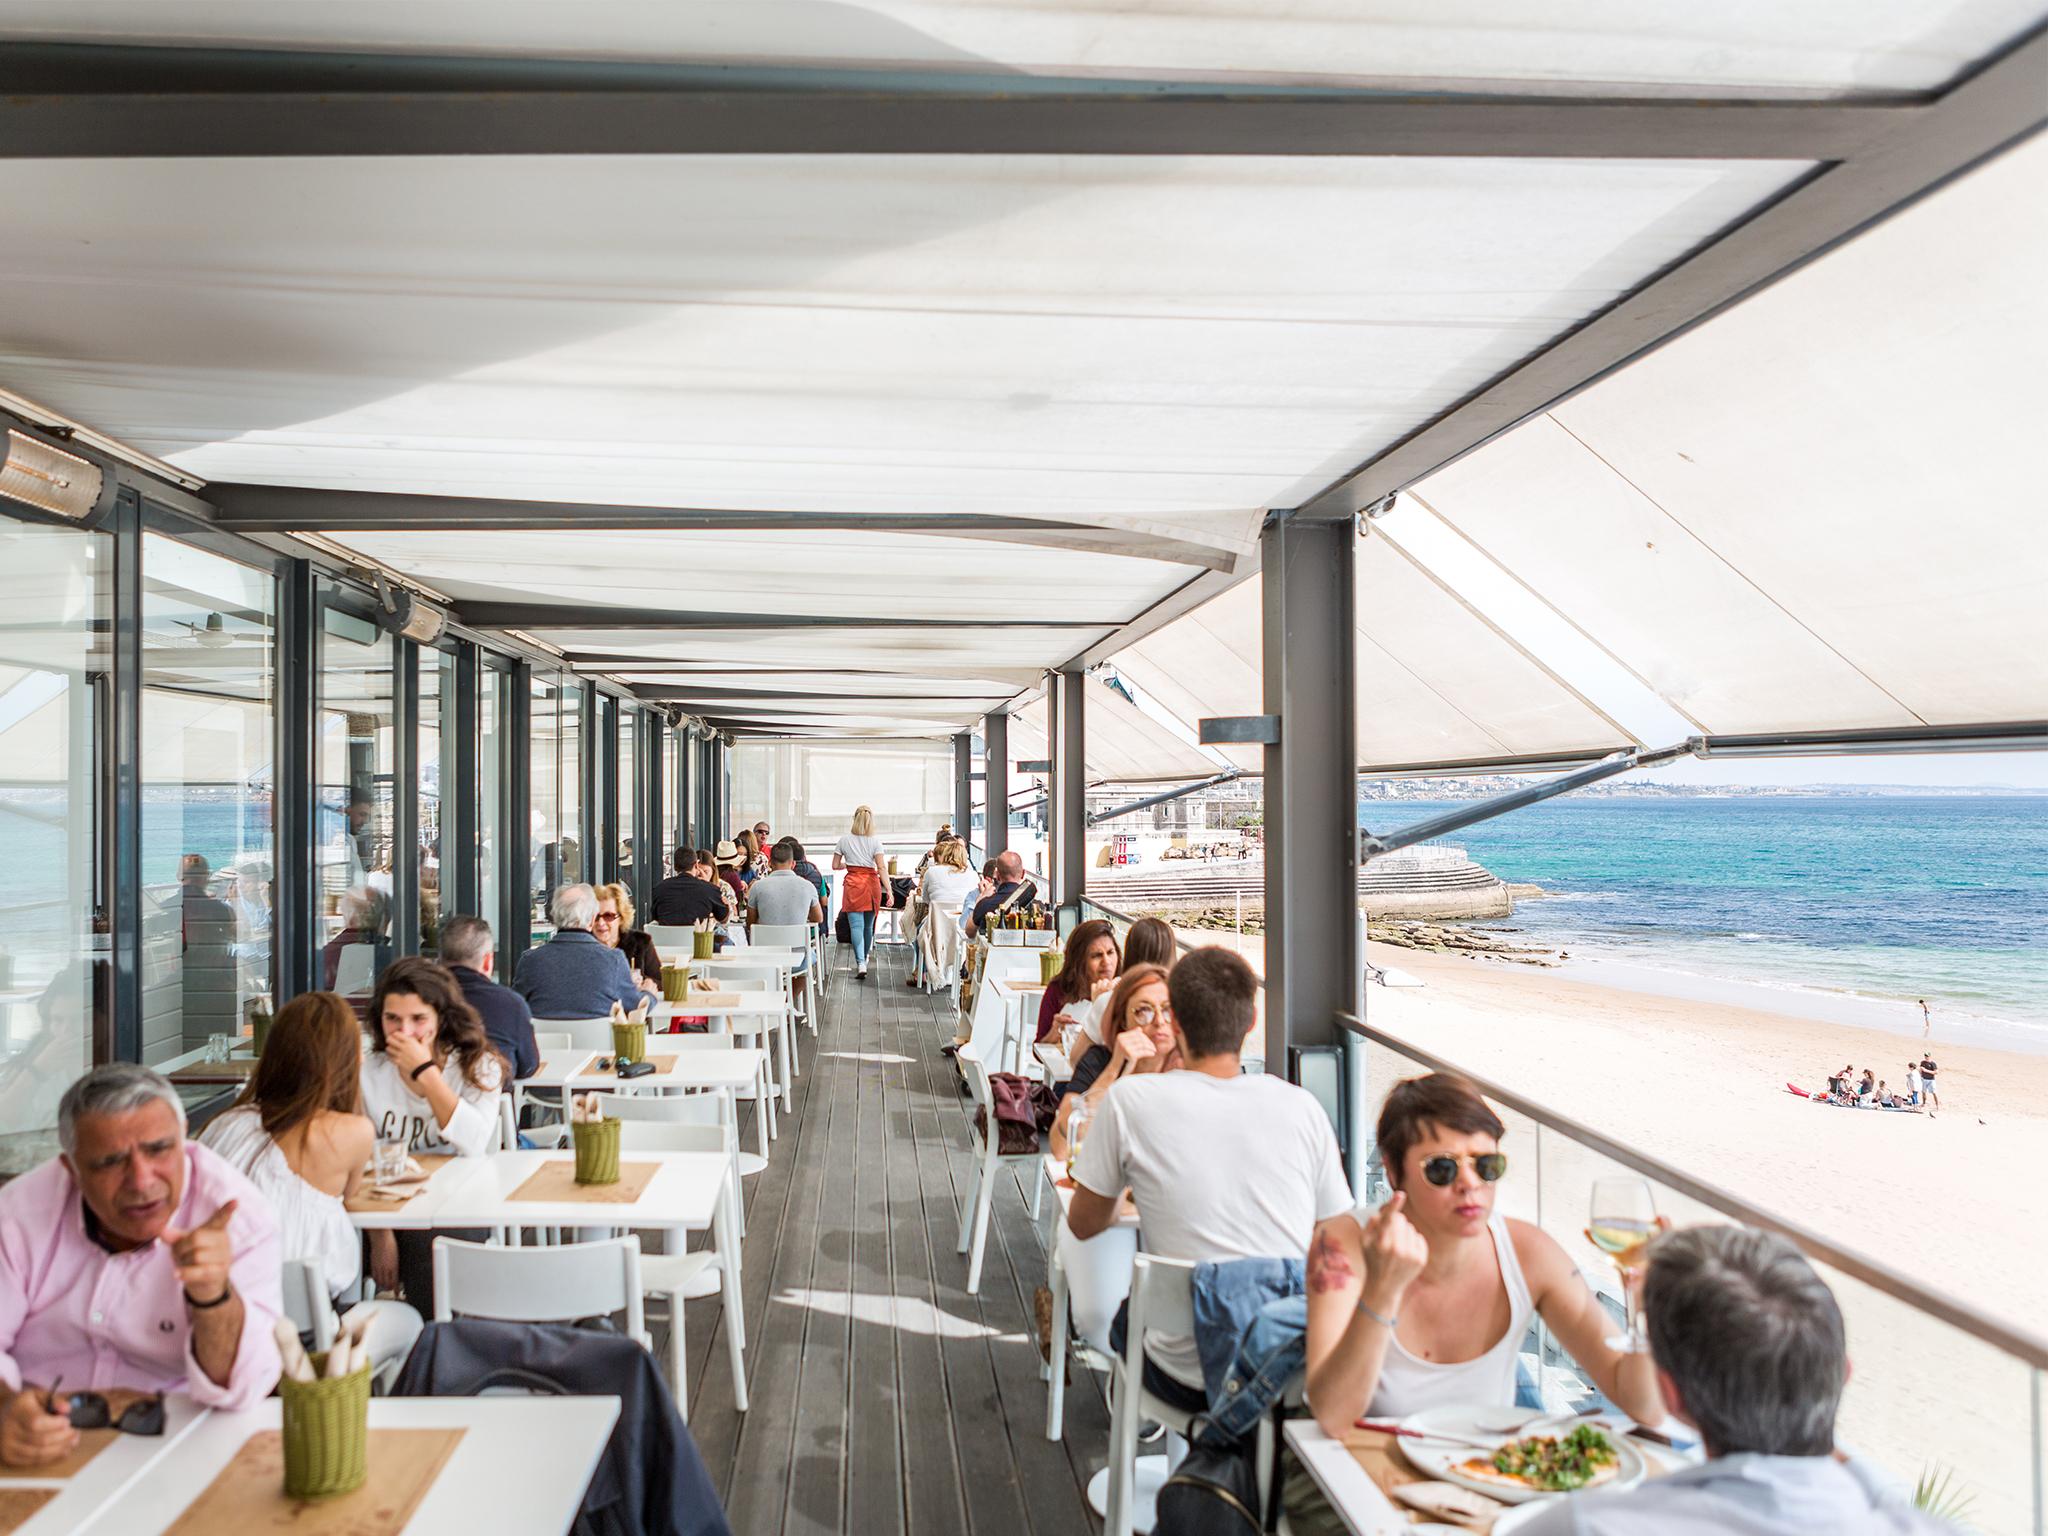 Restaurante, Cozinha Italiana, Capricciosa Cascais